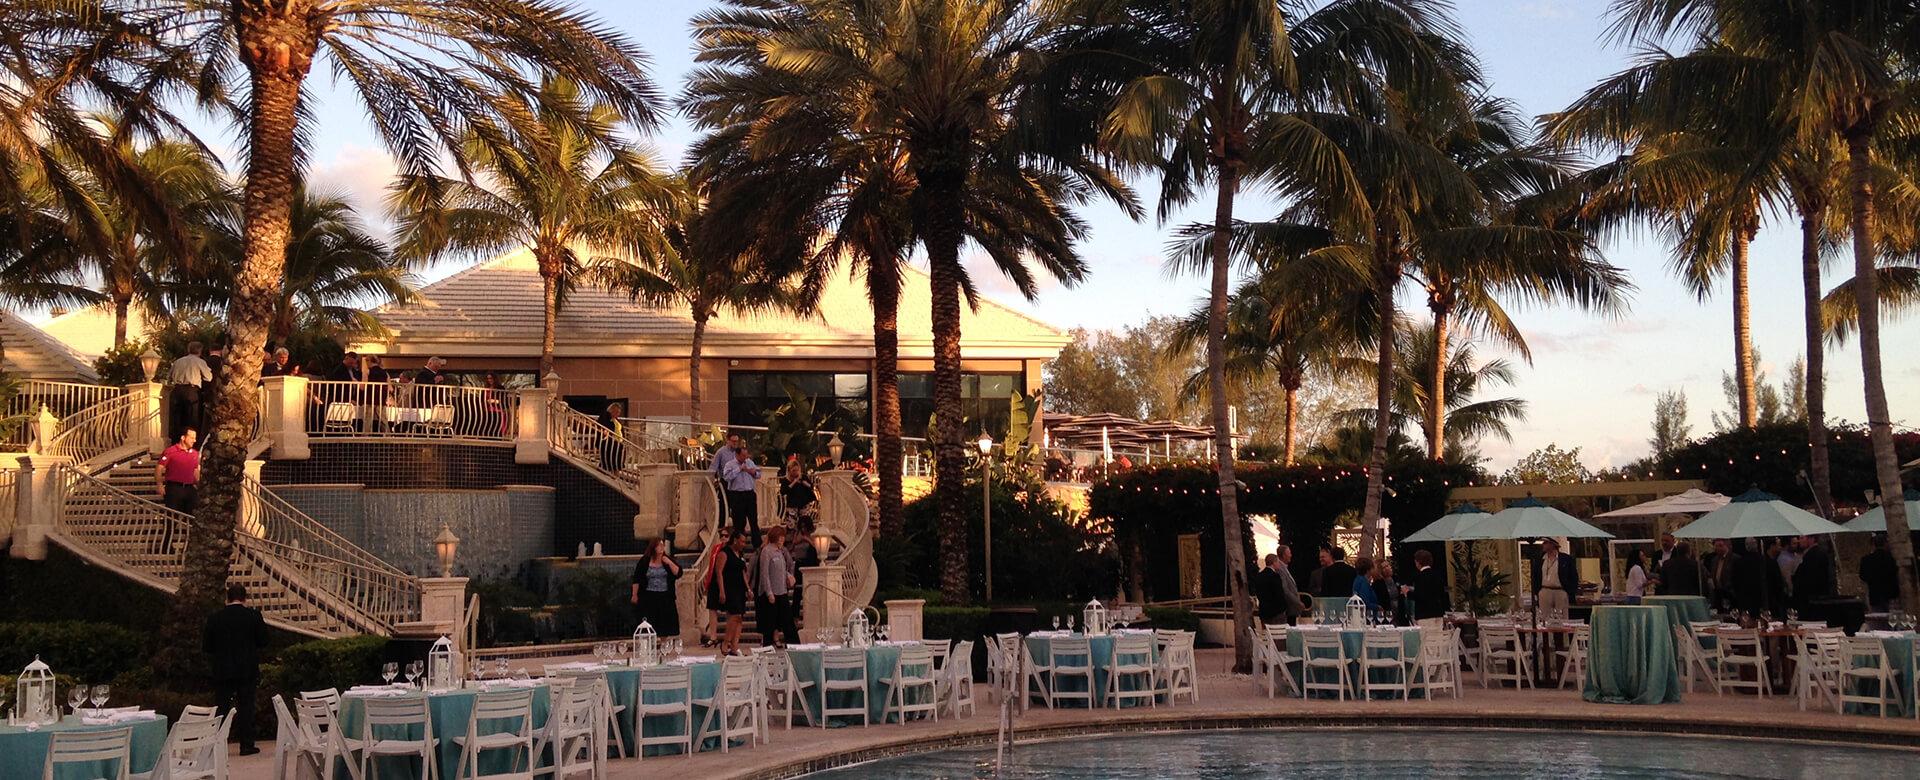 beach wedding reception tables